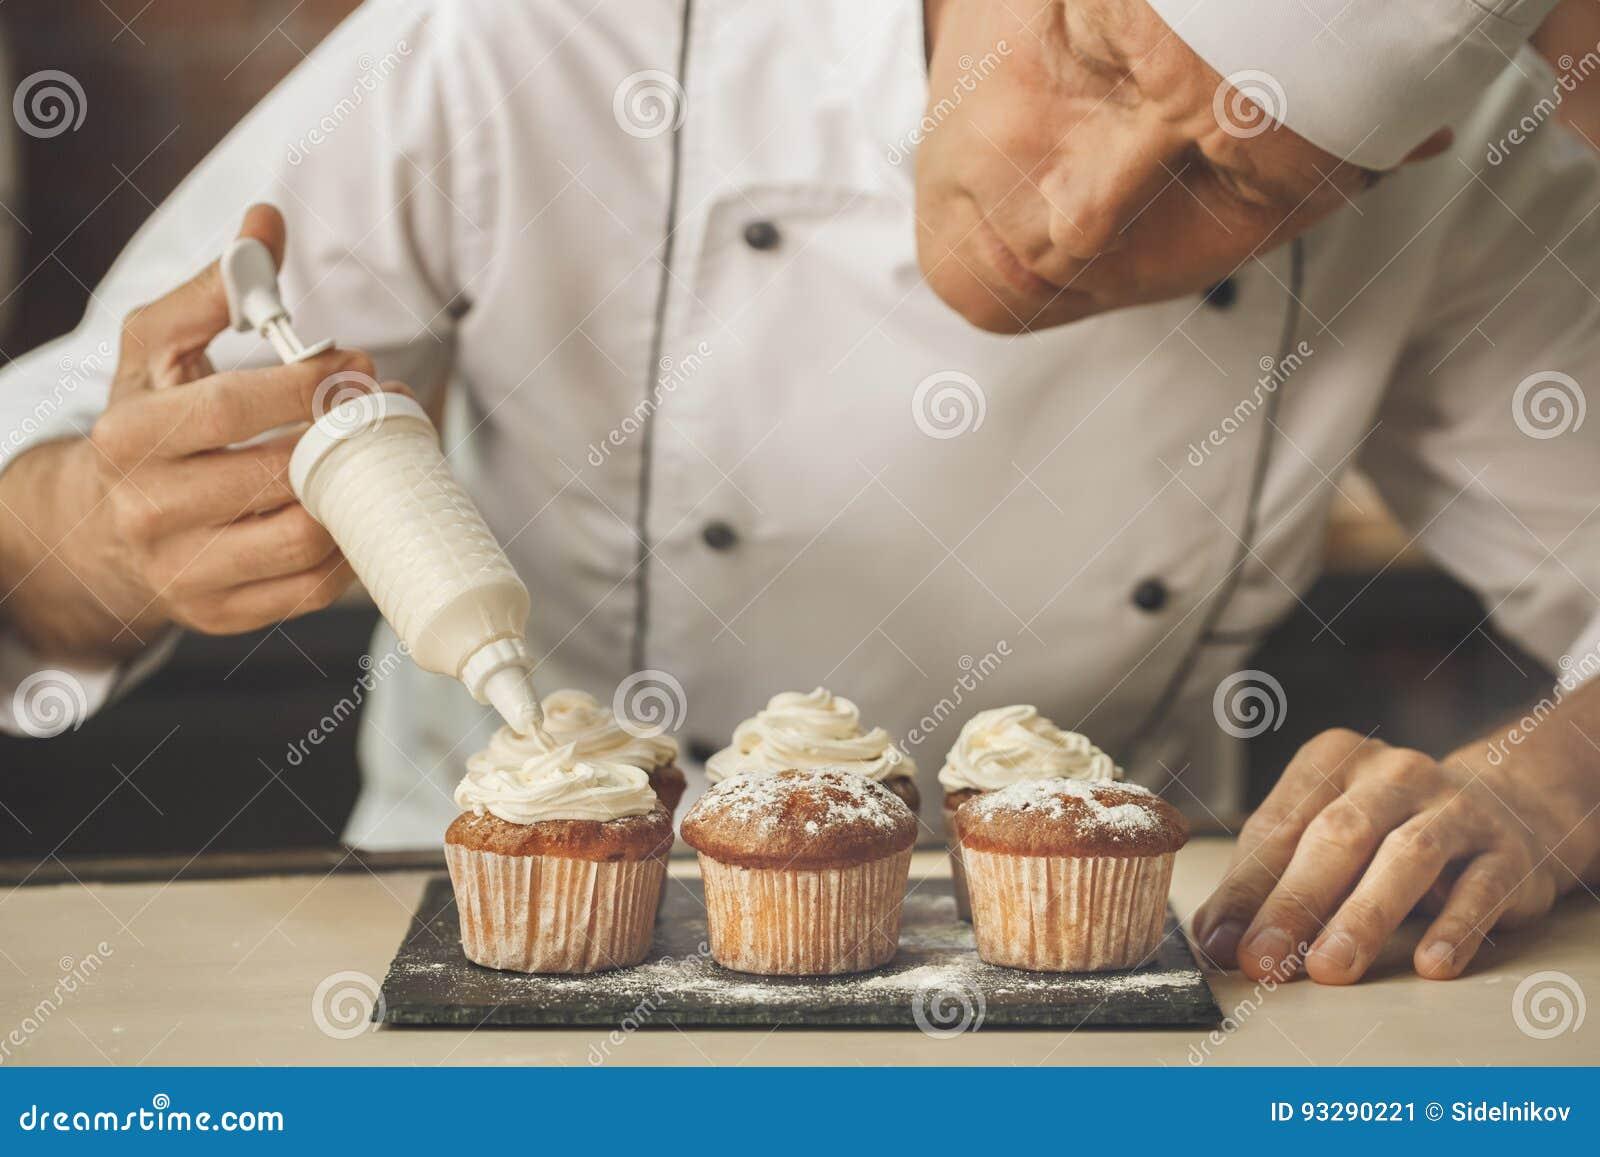 La cottura del cuoco unico del forno cuoce nel professionista della cucina